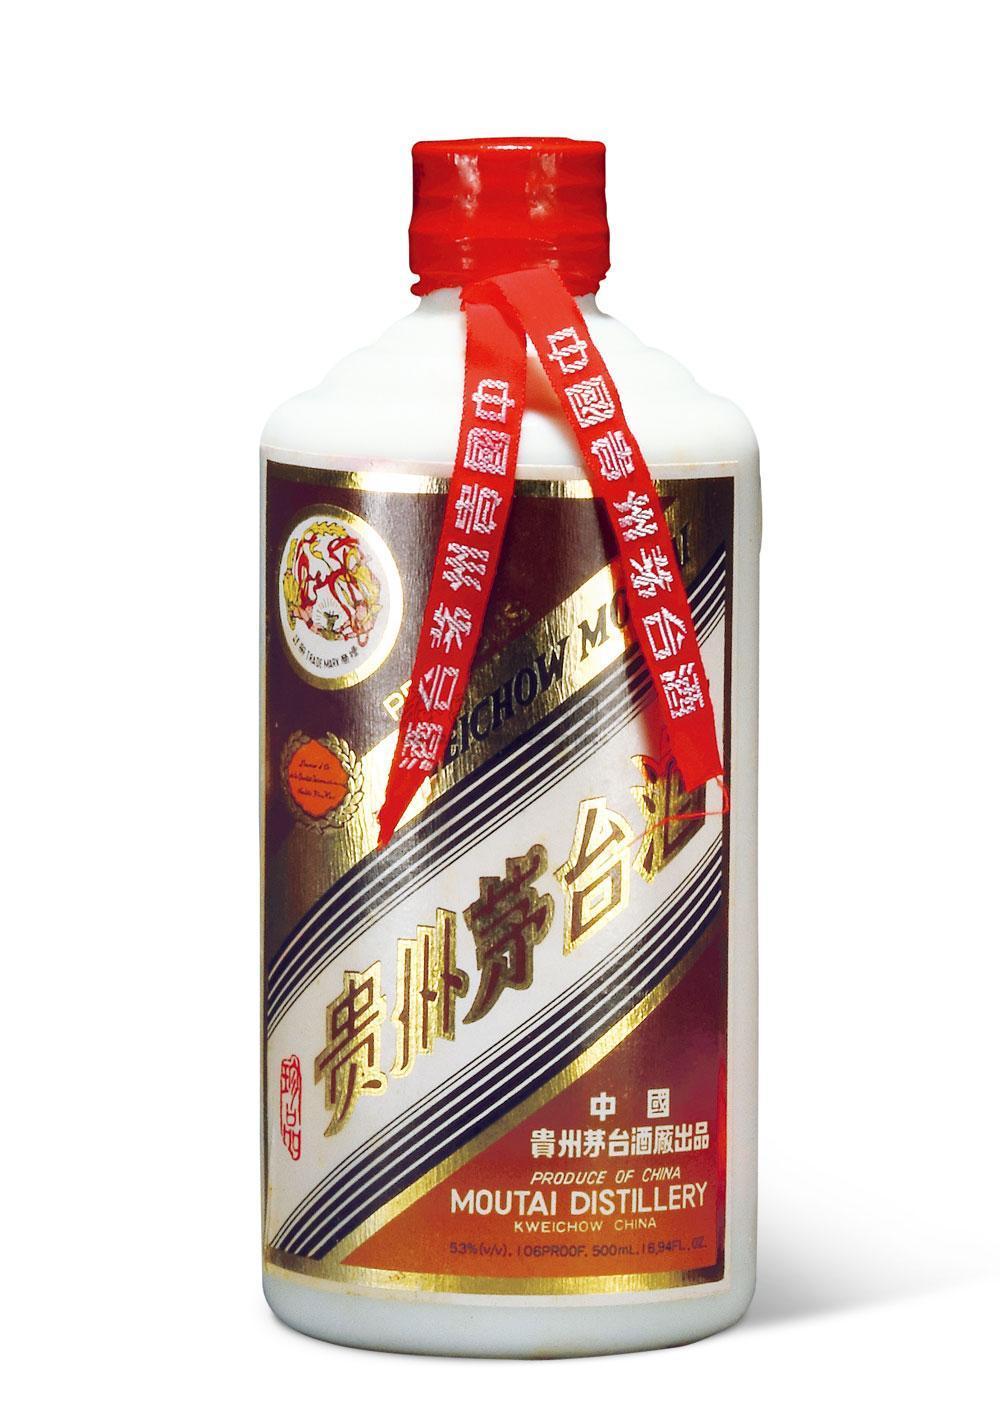 【老酒馆】盘锦茅台酒回收价格多少钱一箱